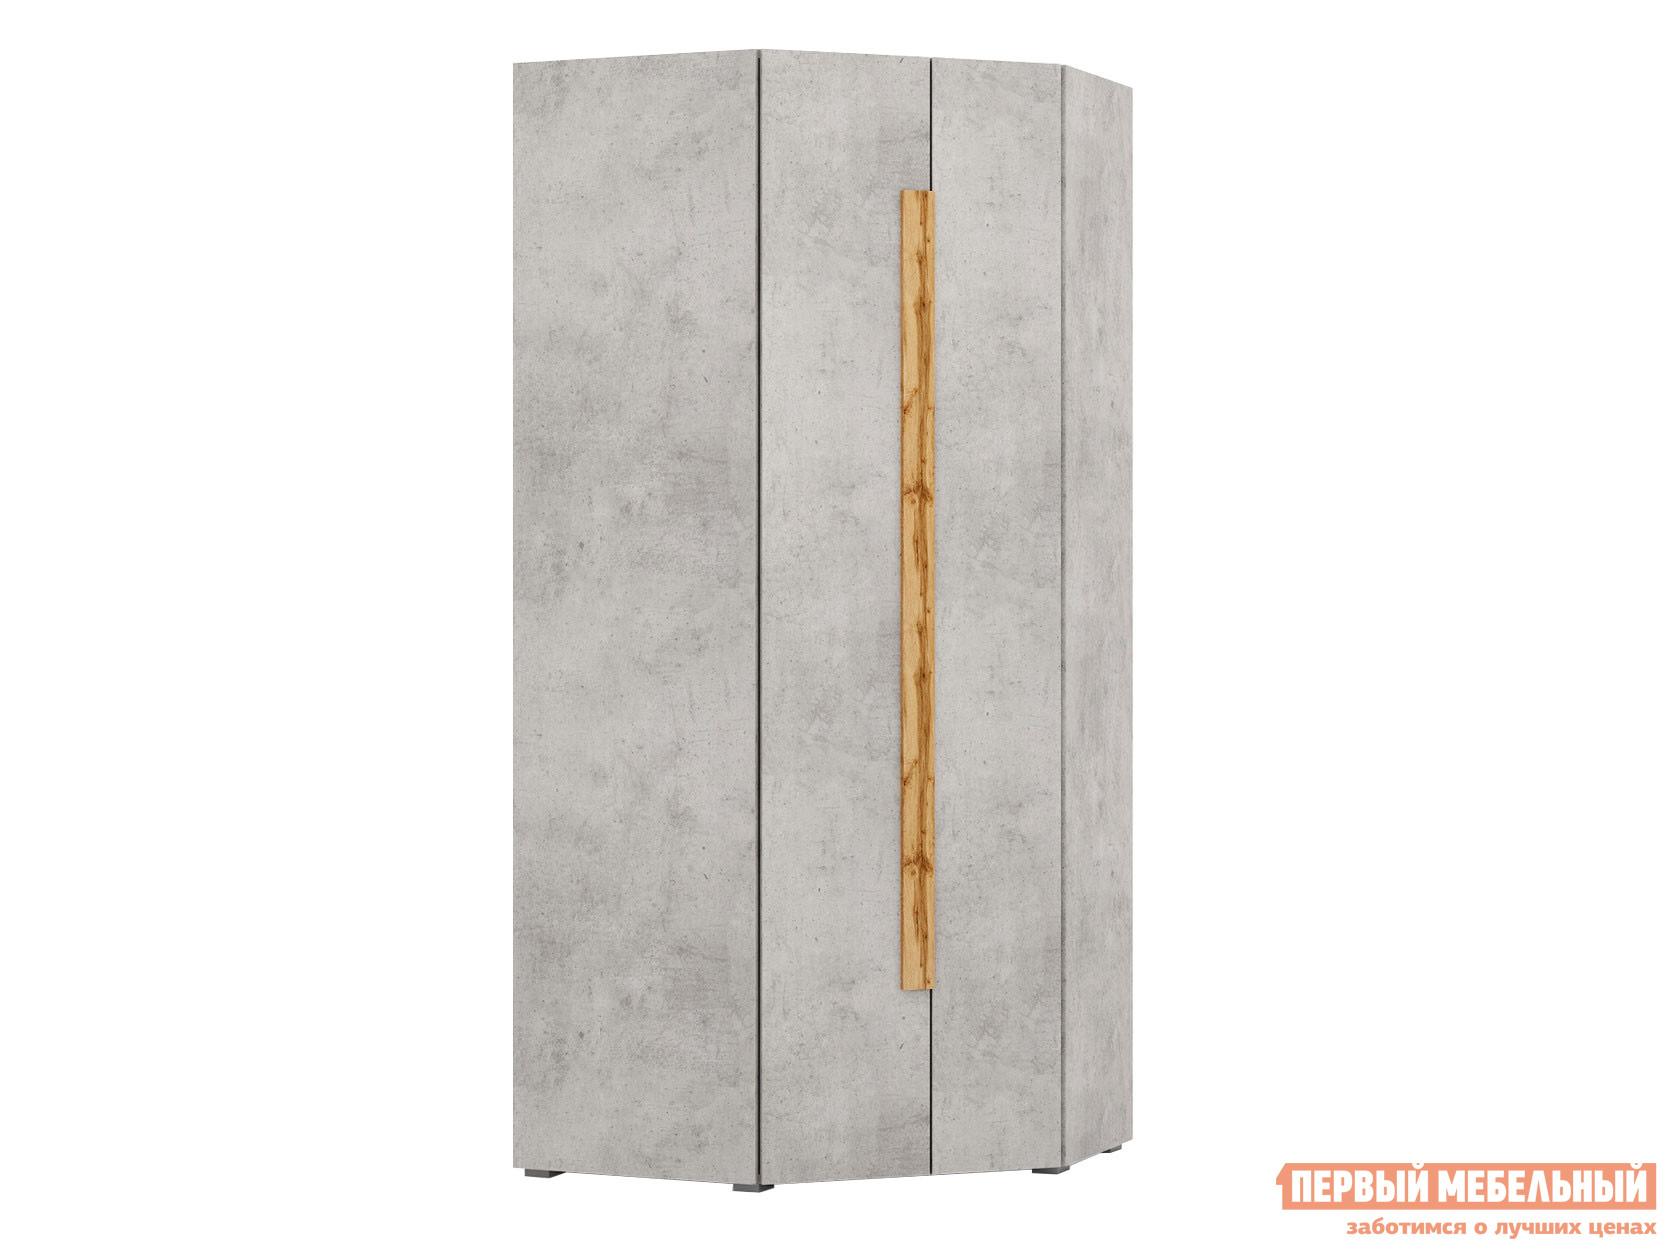 Угловой шкаф Мелания Римини Угловой шкаф 2025М1